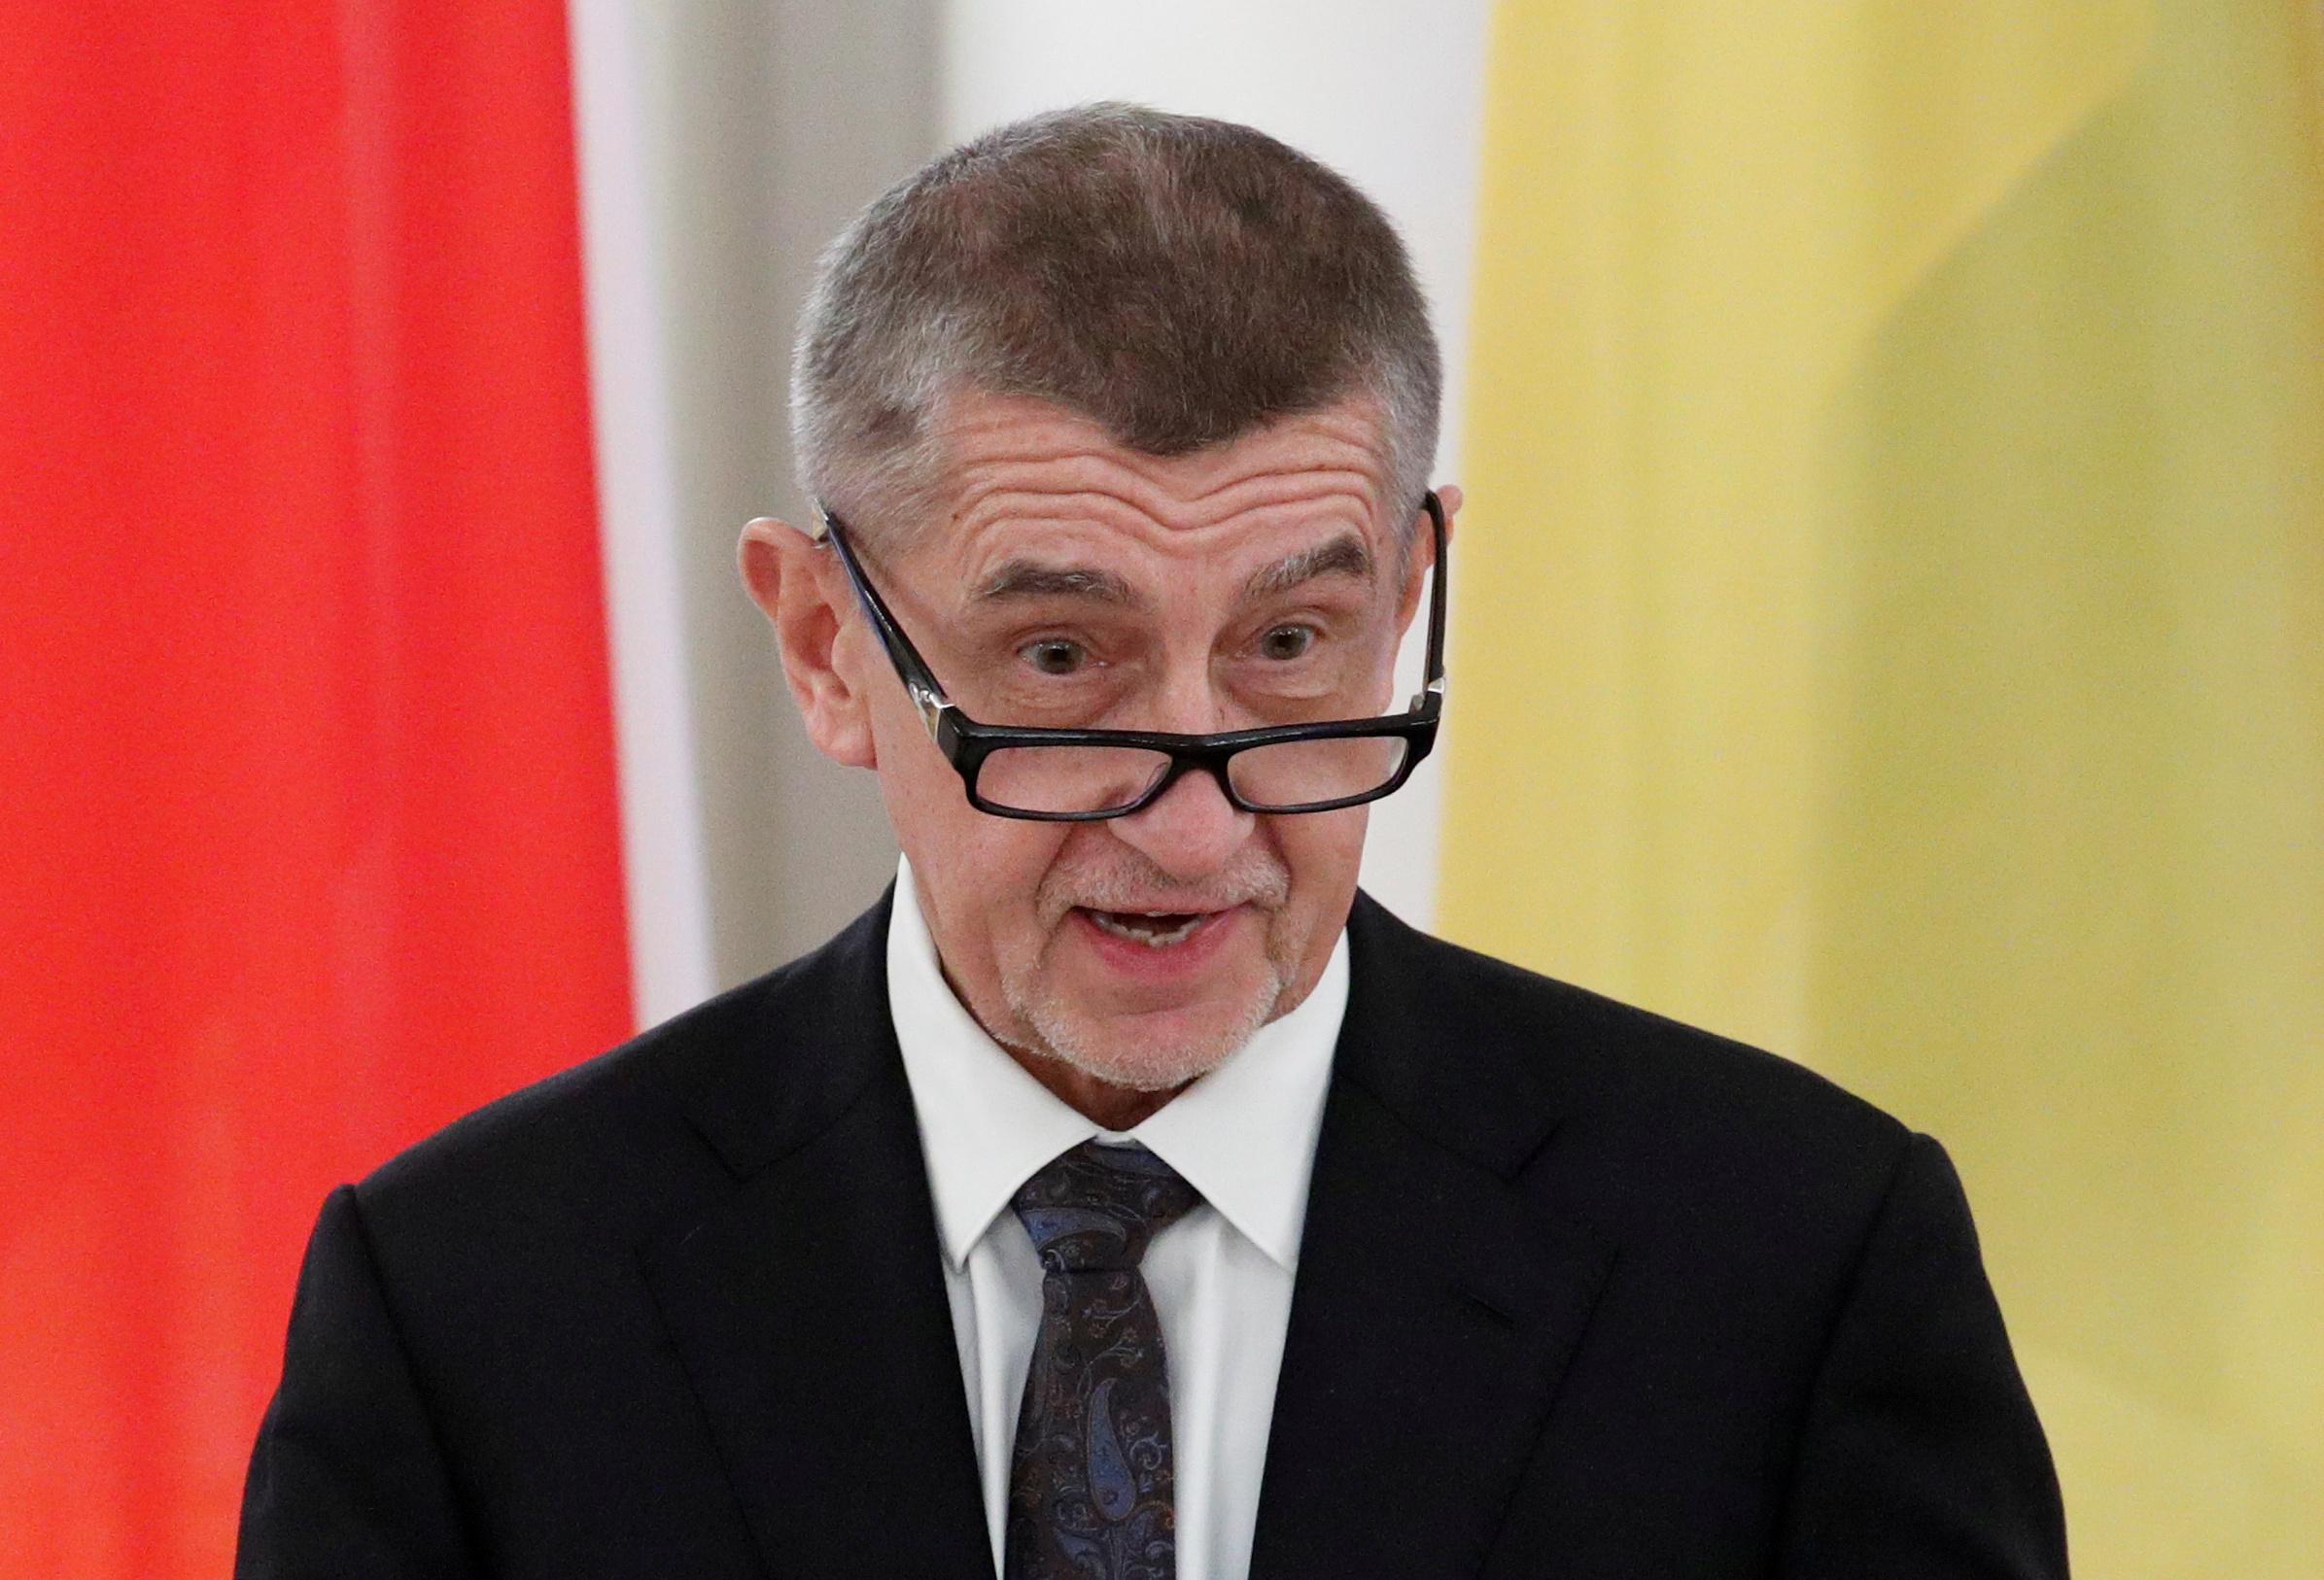 Κορονοϊός: «Μας περιμένουν μέρες κόλασης» προειδοποιεί ο Τσέχος πρωθυπουργός